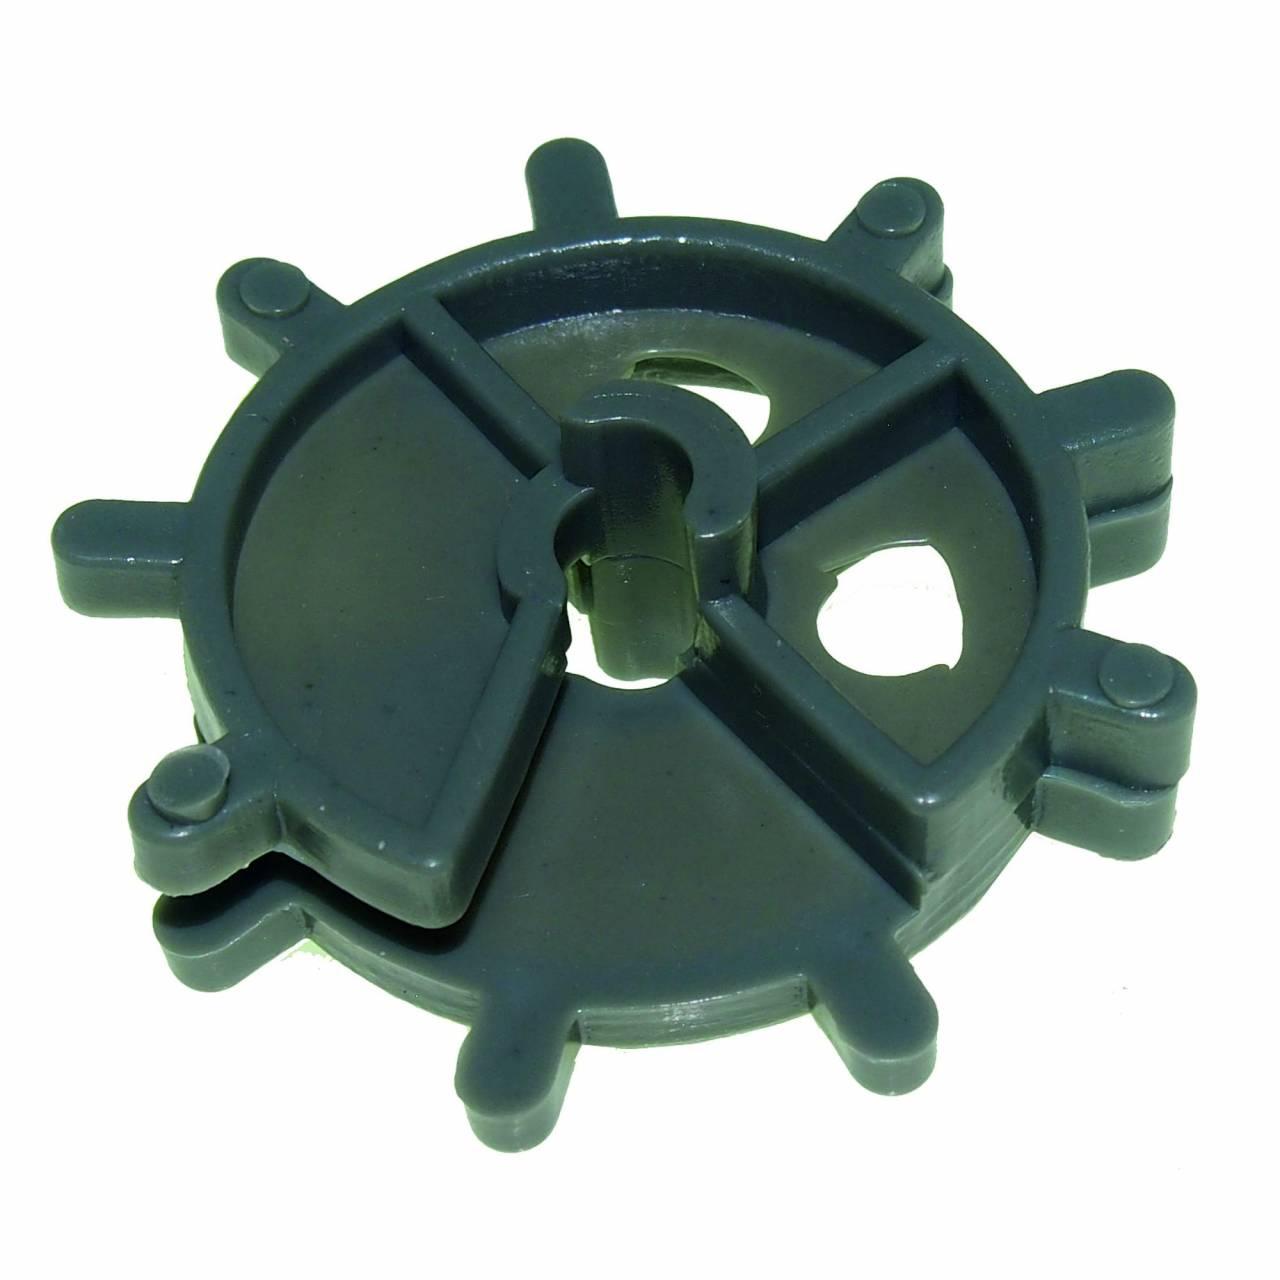 GARANT 6-20 / KB 6 mm Armierungs-Abstandhalter / Krt a 1.000 Stück